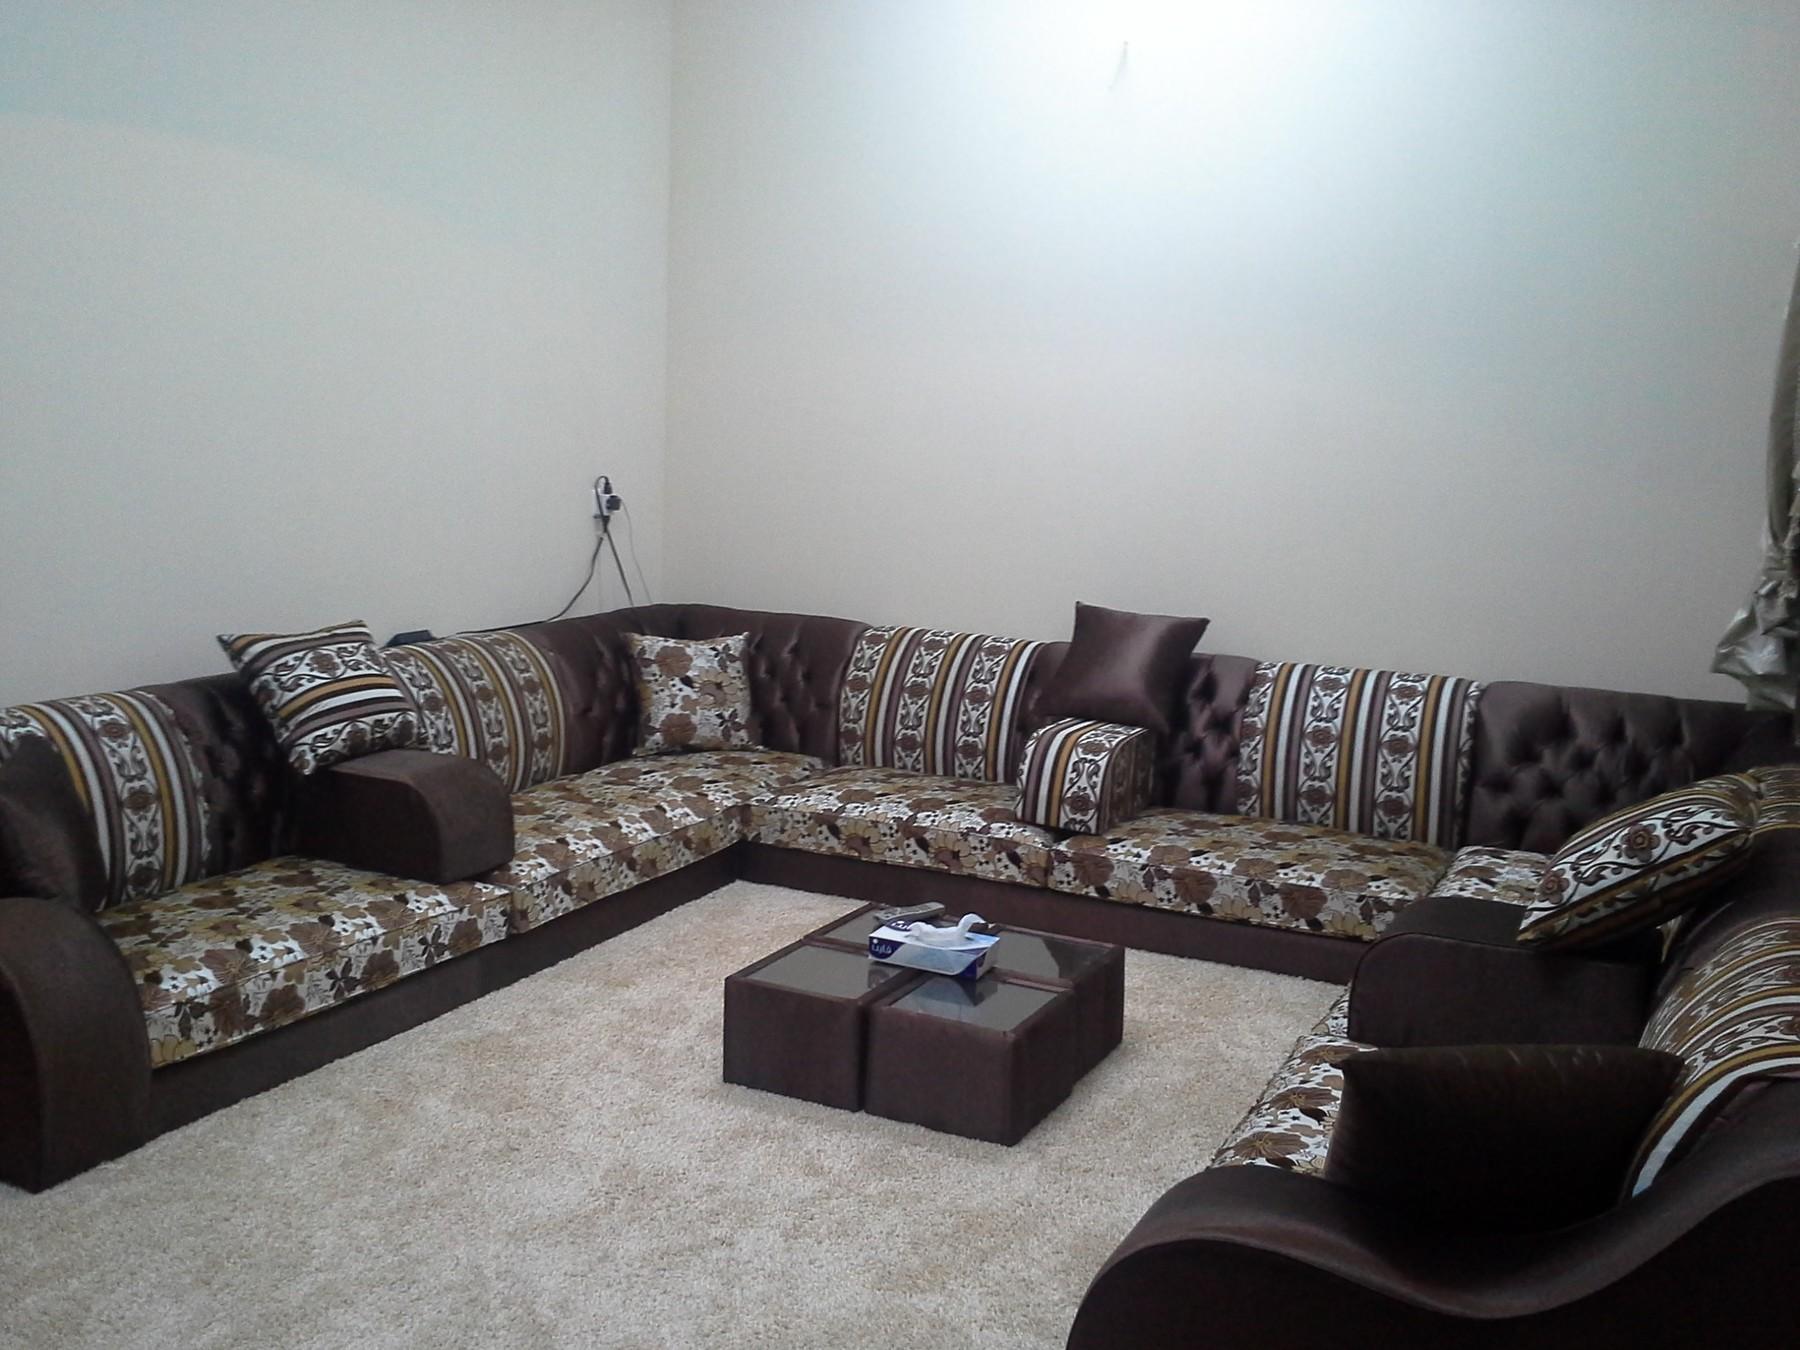 بالصور جلسات عربية , جلسات عربية مودرن 4753 9